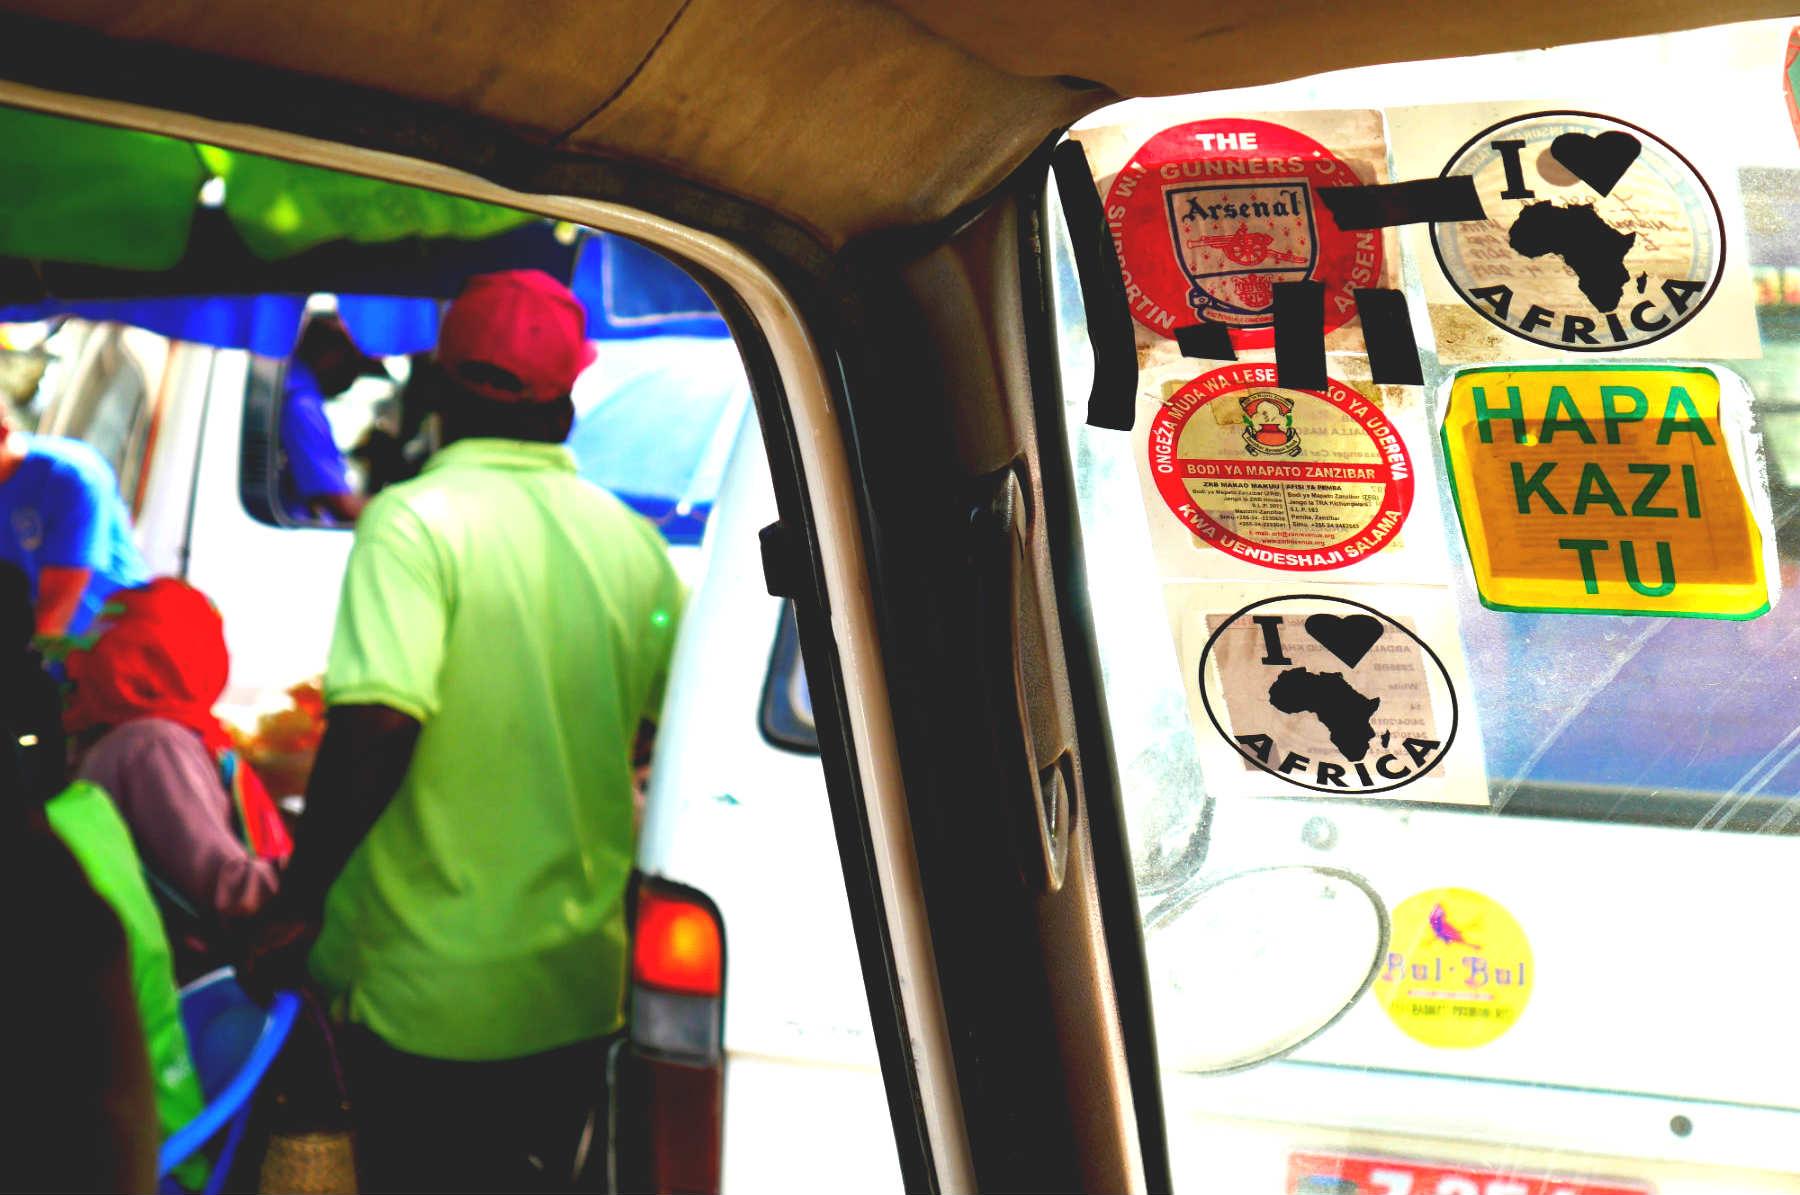 How To Get Around Tanzania